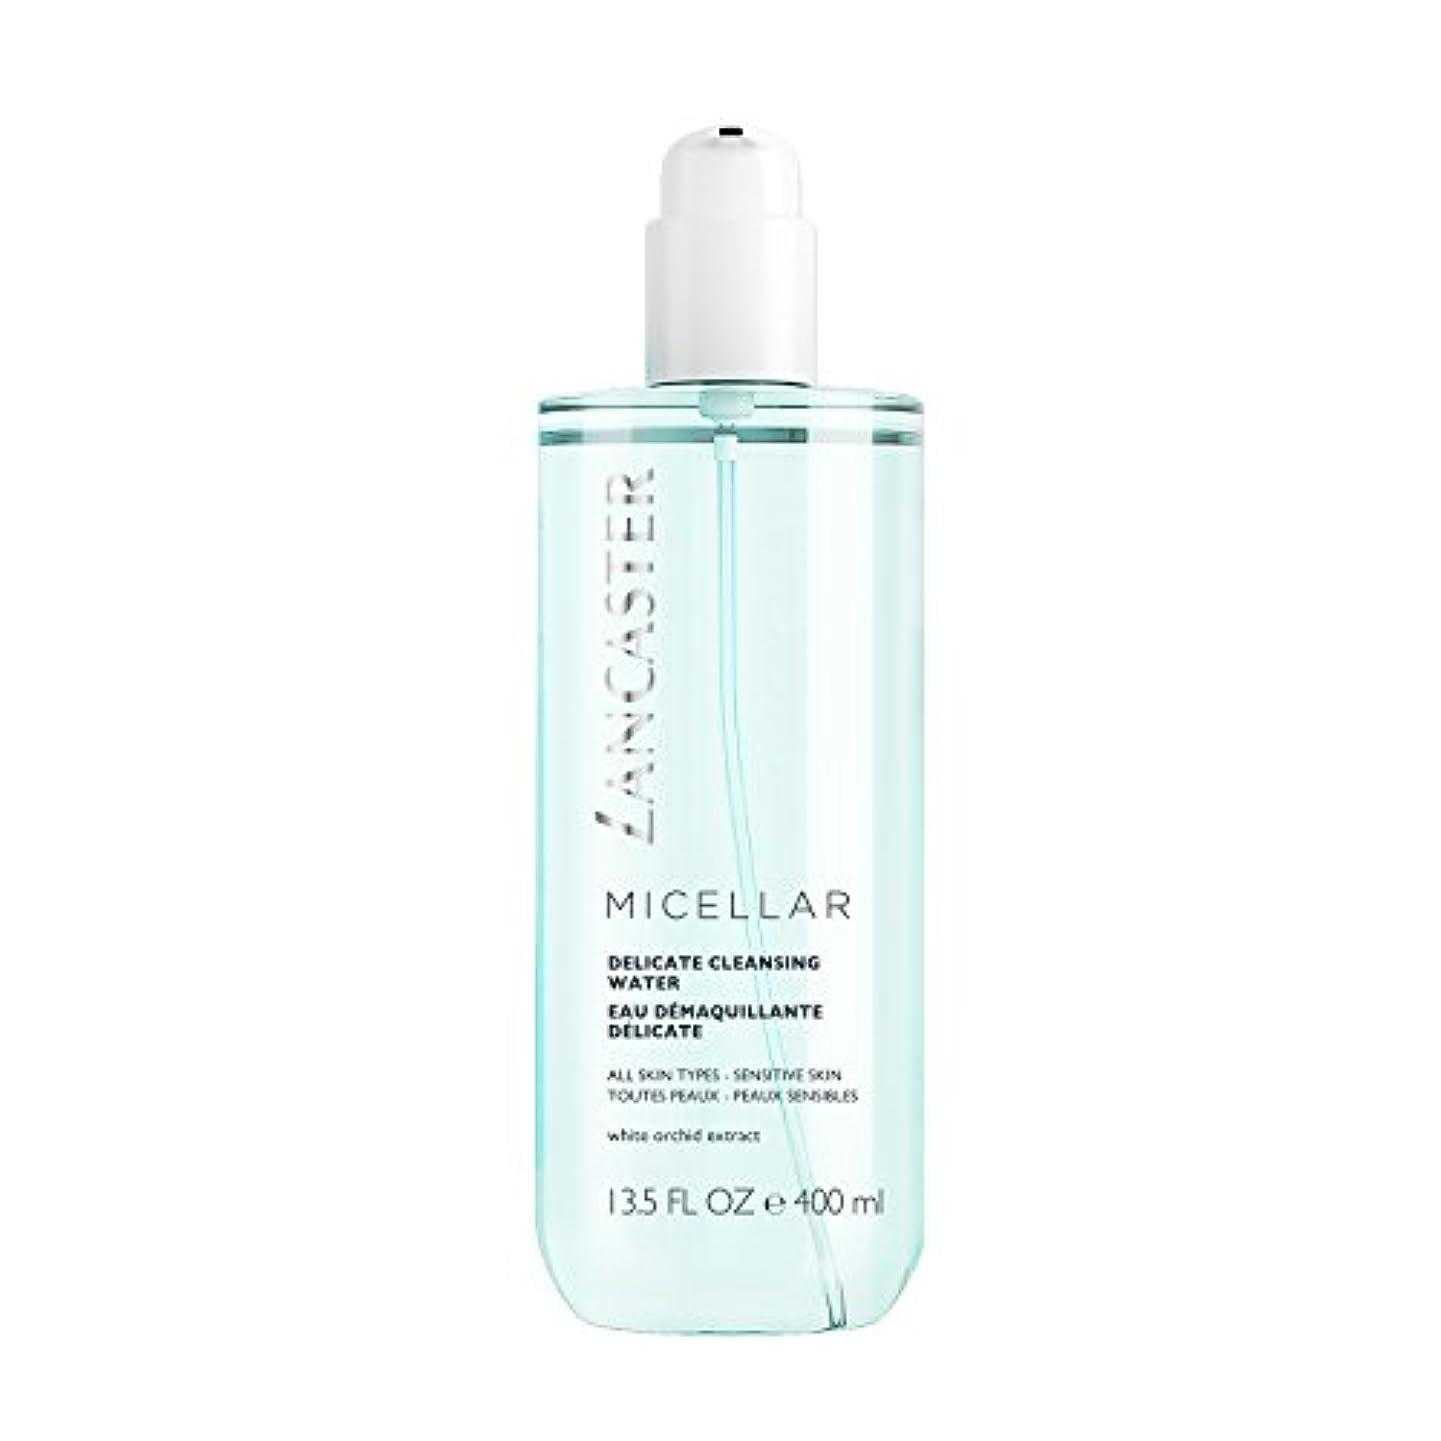 飾り羽粒子召喚するランカスター Micellar Delicate Cleansing Water - All Skin Types, Including Sensitive Skin 400ml/13.5oz並行輸入品